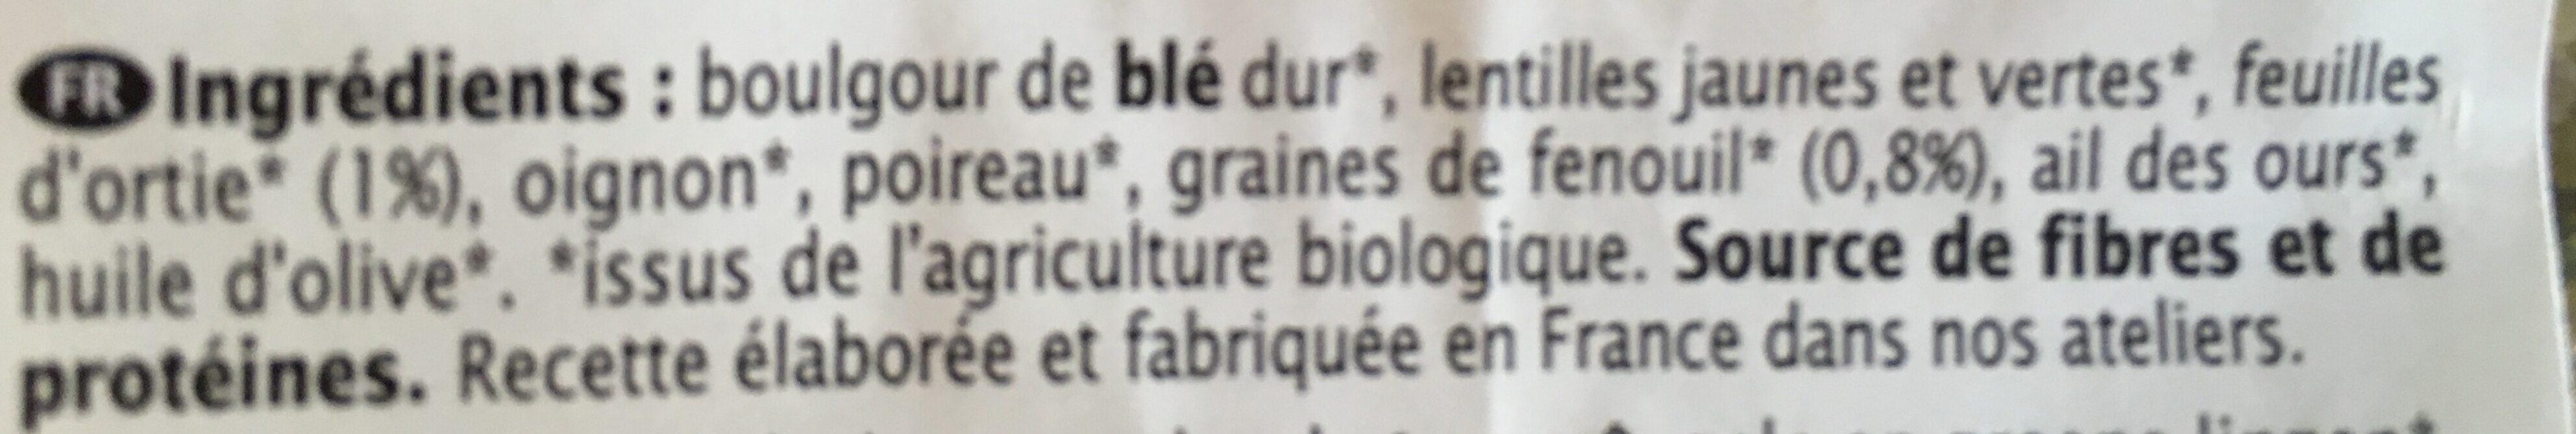 Epicerie / Céréales, Graines, Pâtes, Riz / Semoule, Boulgour, Couscous - Ingredientes